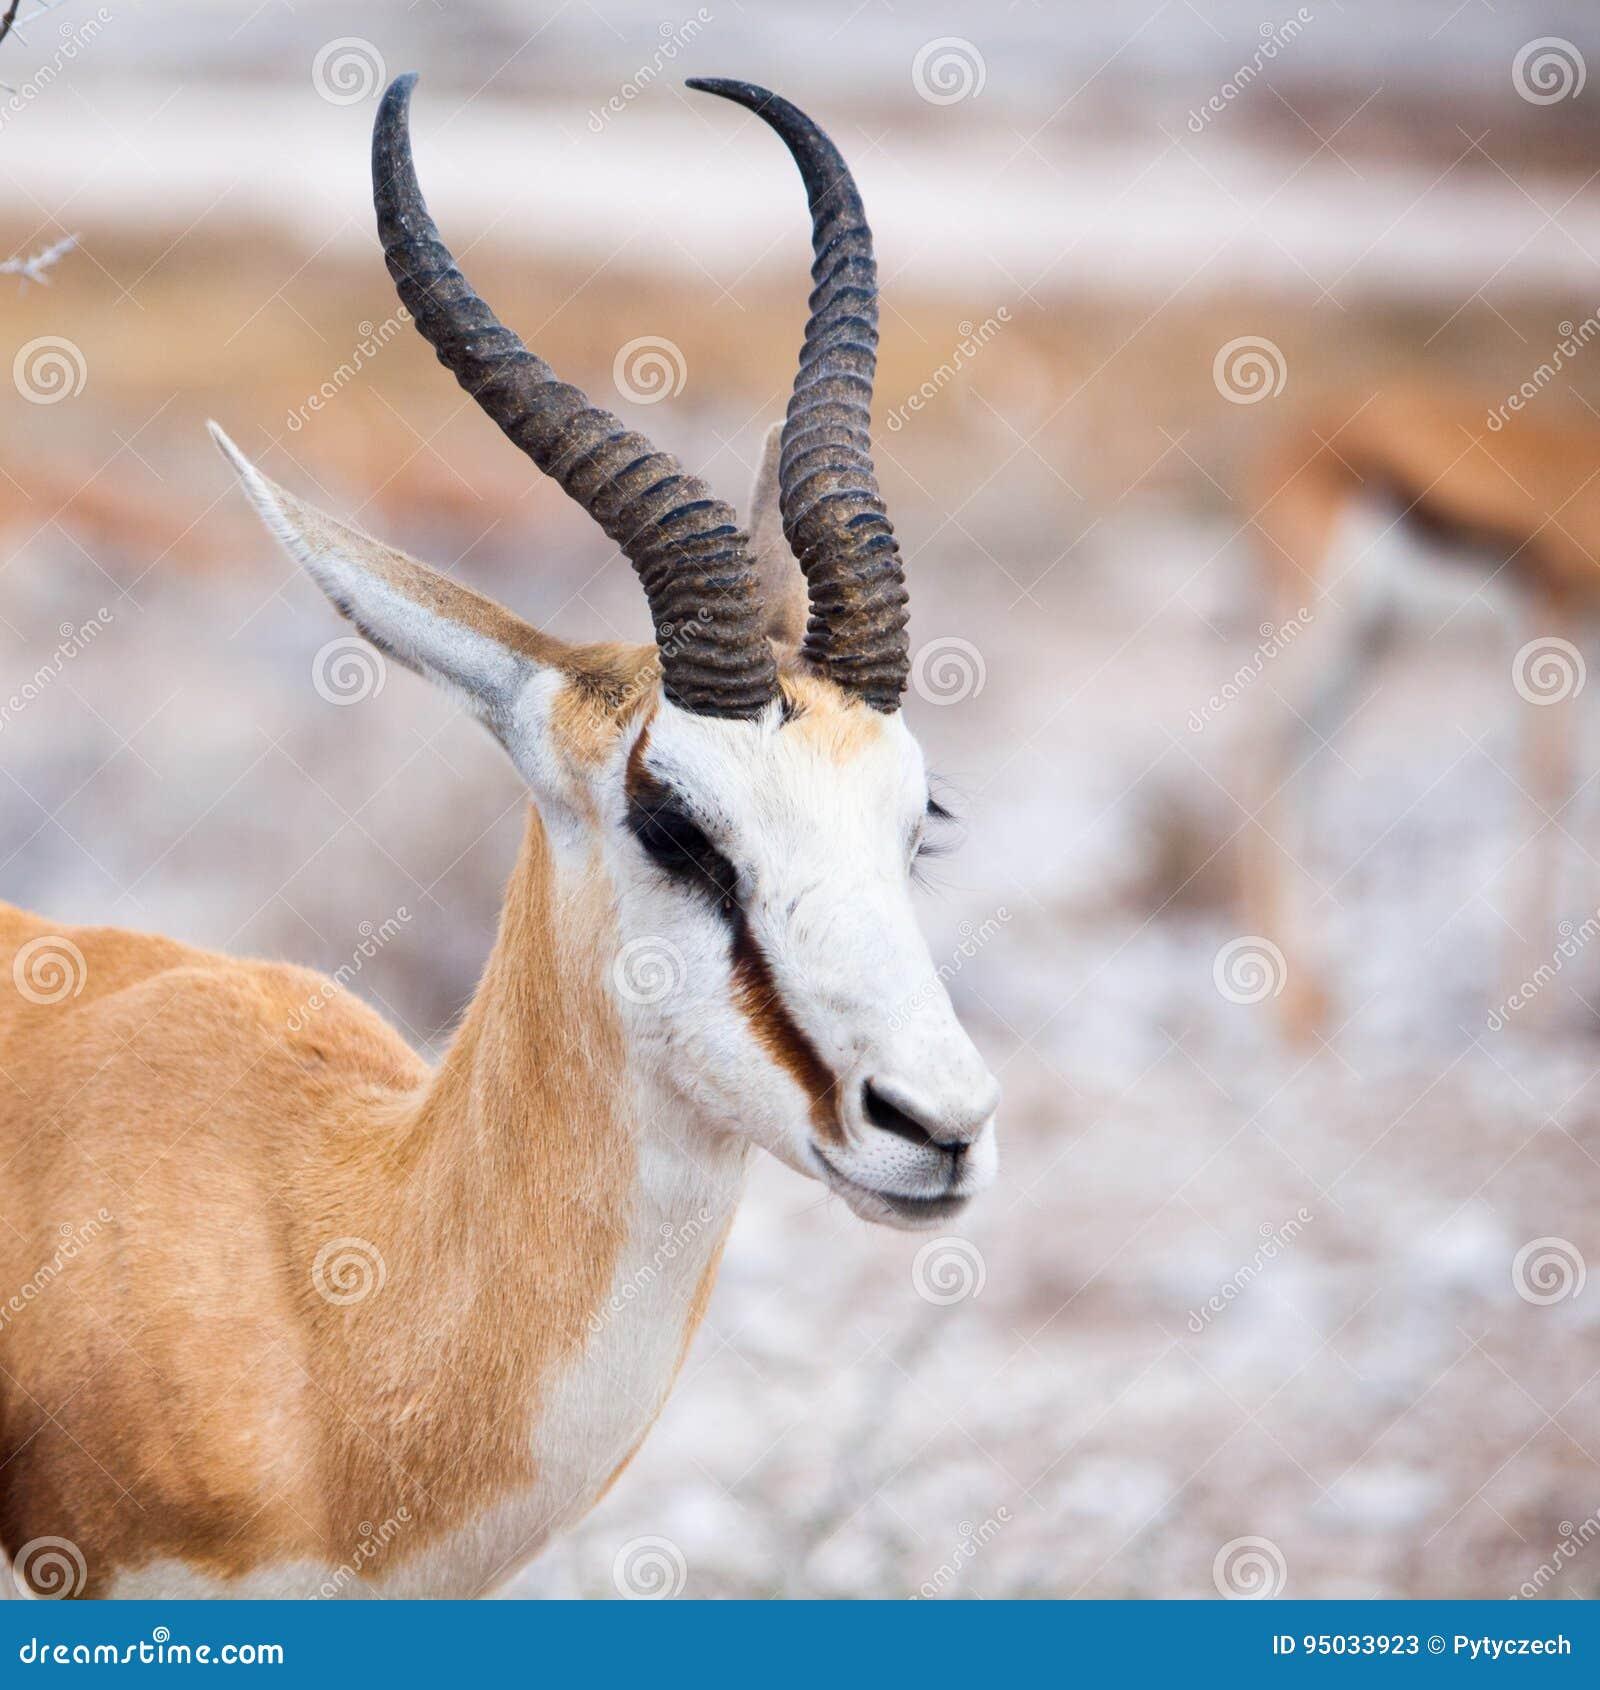 Retrato masculino da impala, animais selvagens africanos no parque nacional de Etosha, Namíbia, África